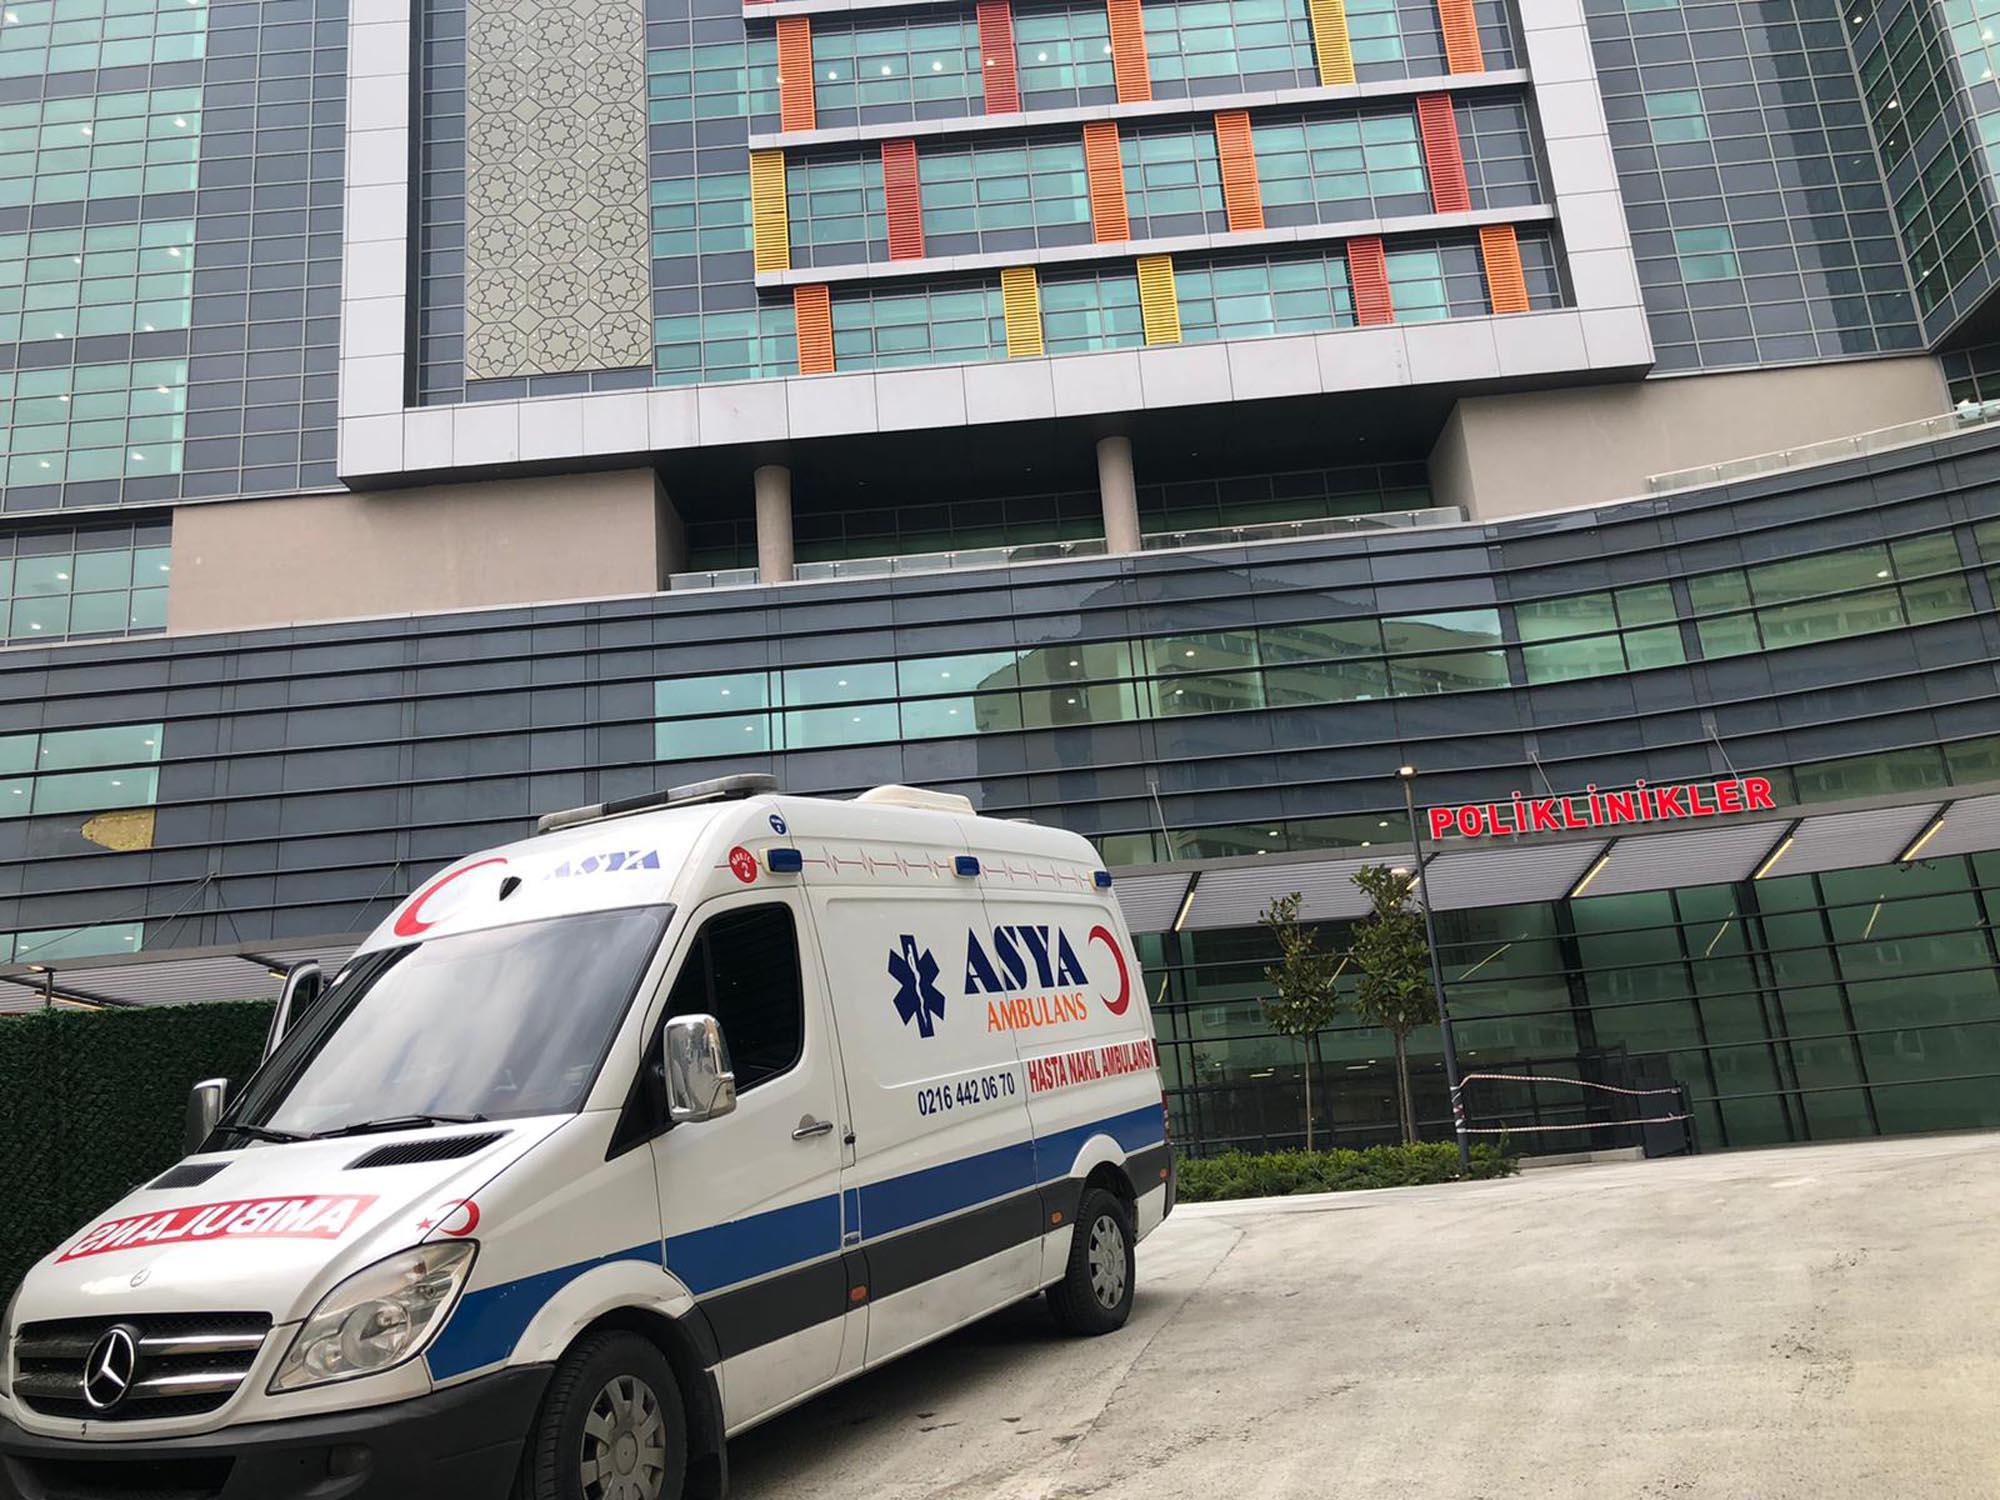 Isparta Özel Ambulans